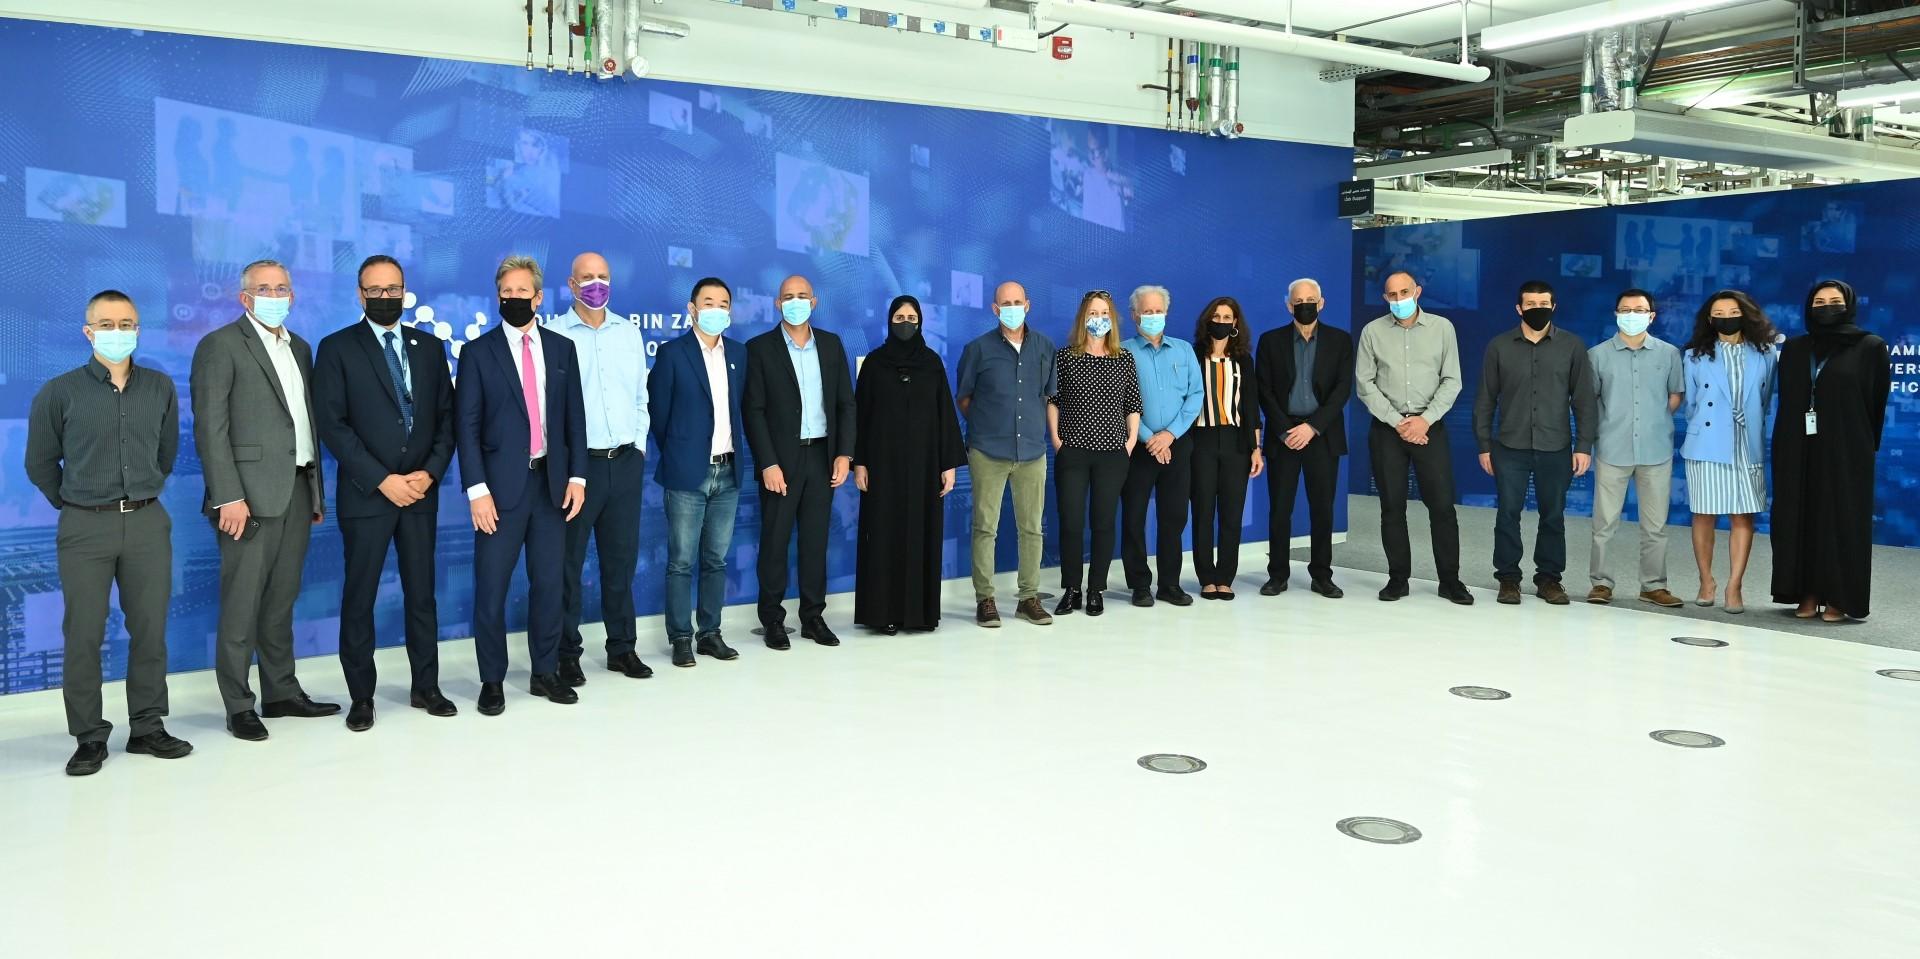 جامعة محمد بن زايد للذكاء الاصطناعي تستقبل وفدا من معهد وايزمان للعلوم